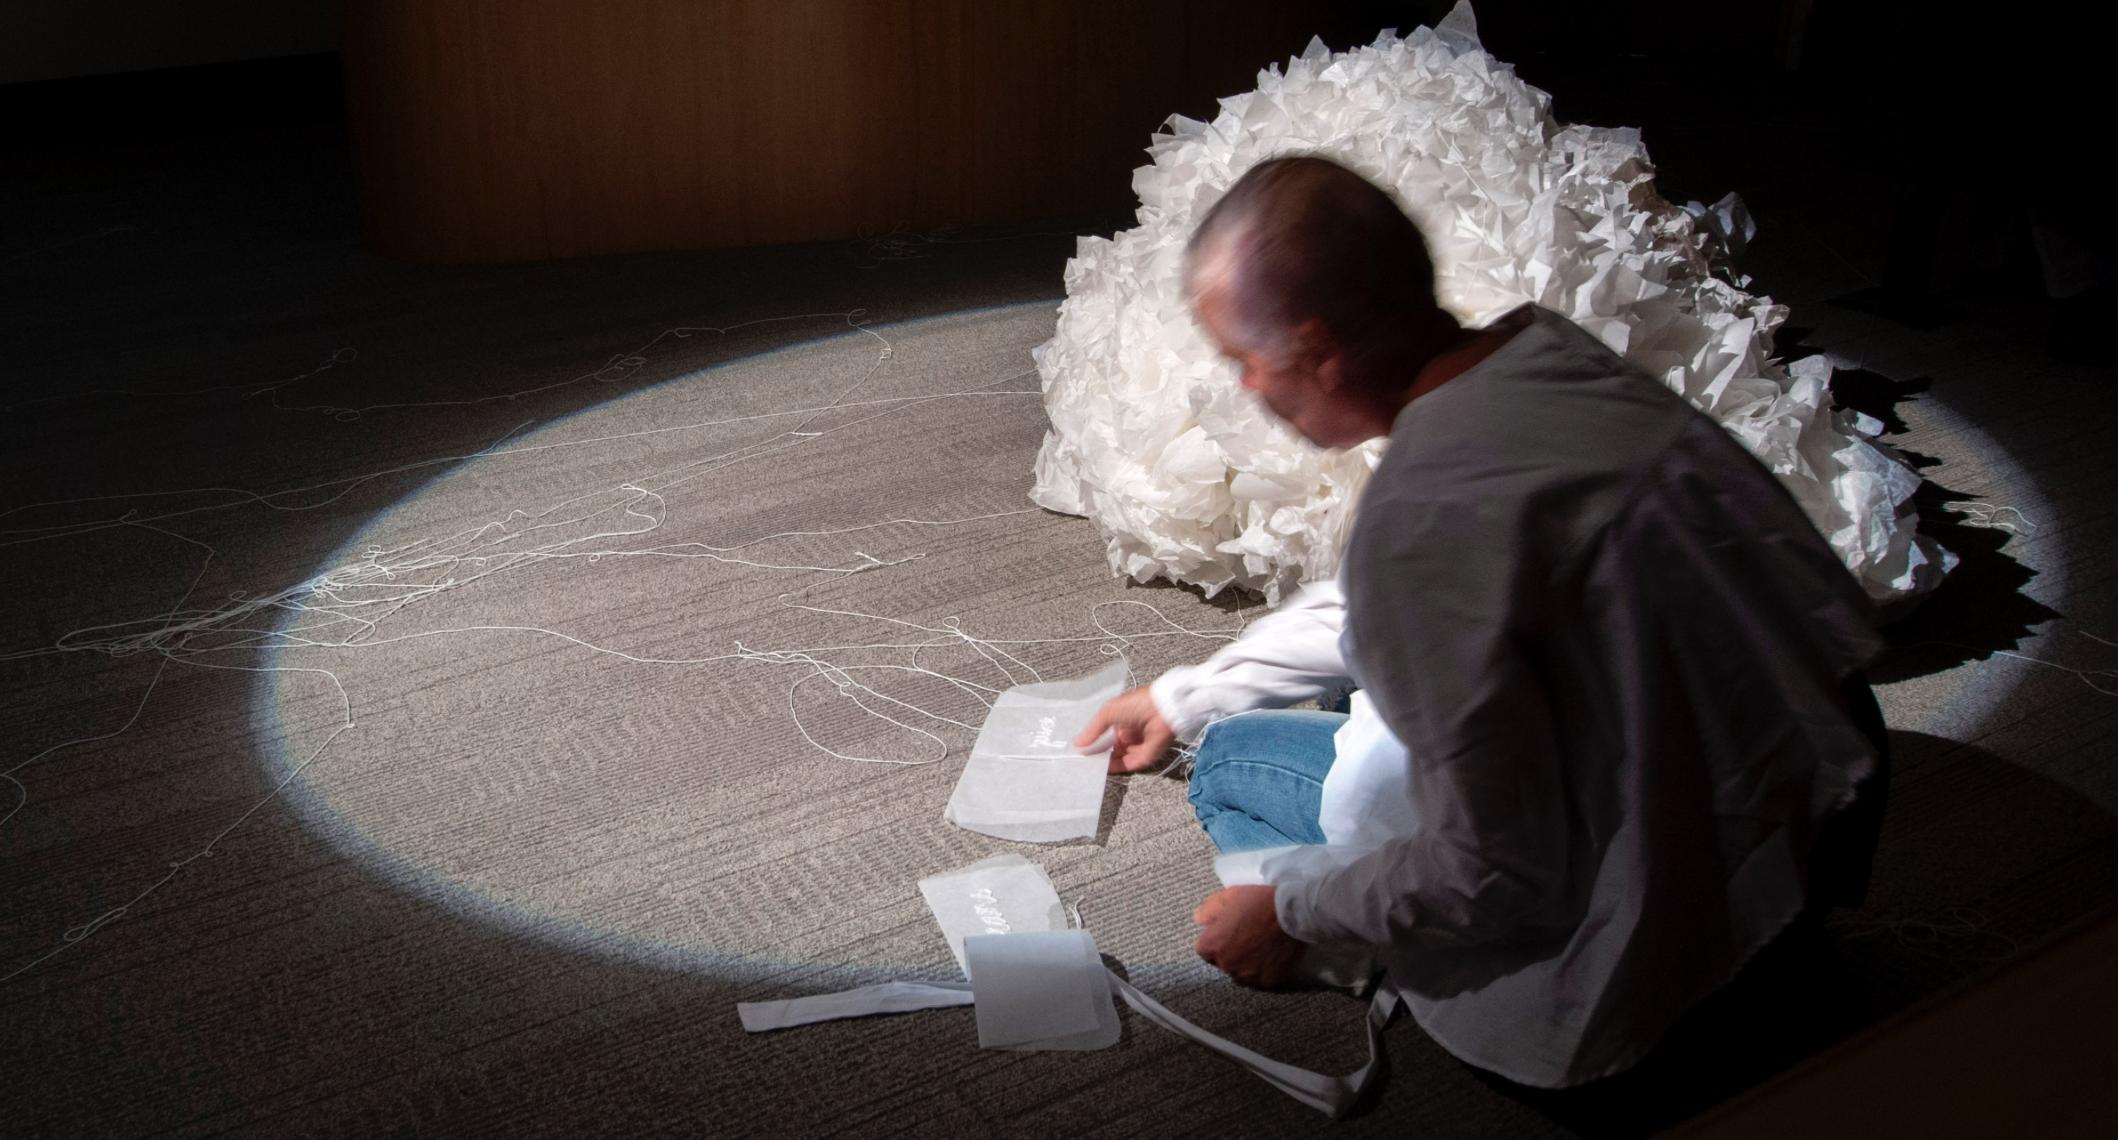 Julie Barratt & Virginia Barratt;  The exquisite fold, the immanent word (performance)